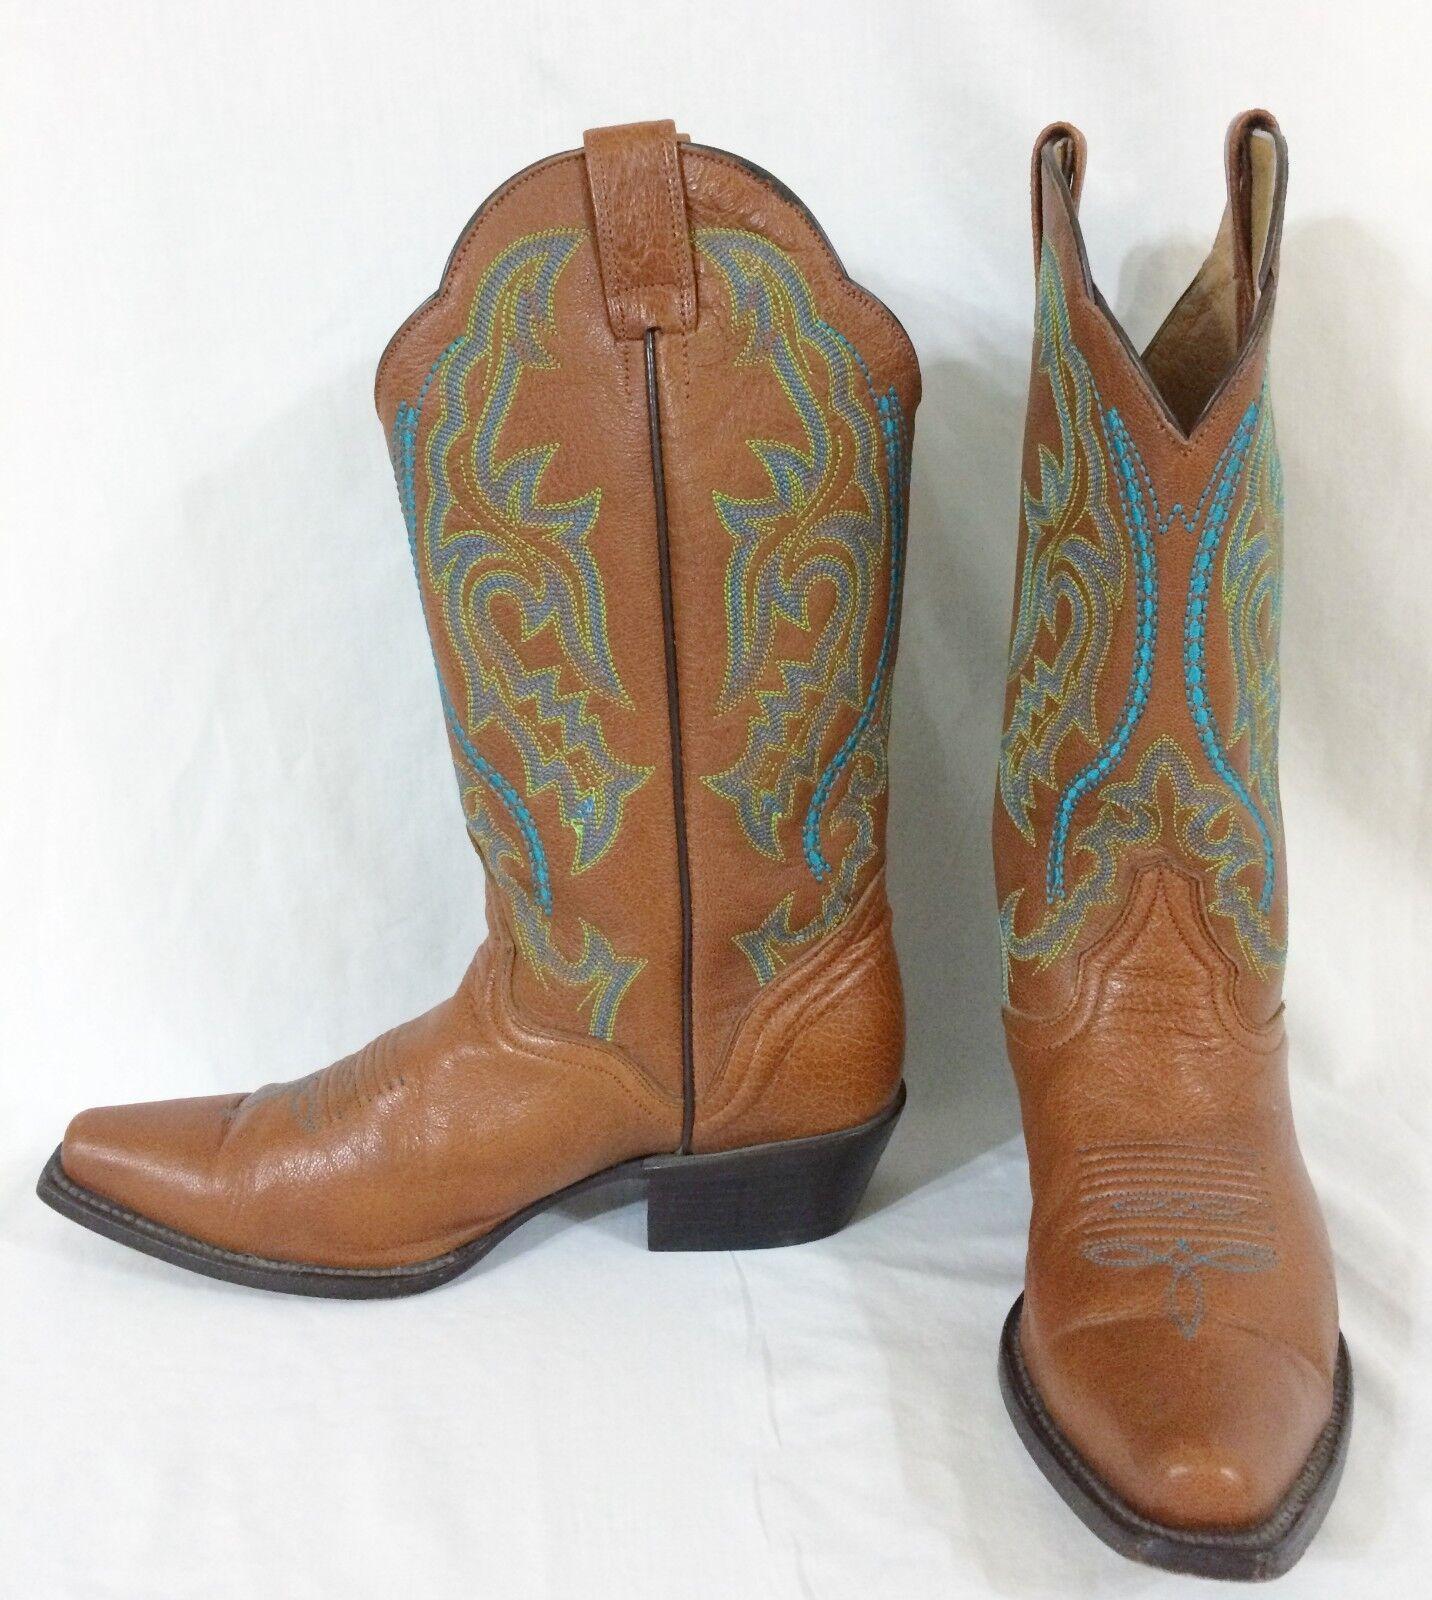 Mujer 7B J. J. J. B. Dillon Oeste De Piel De Cabra Bordado botas caramelo turquesa  respuestas rápidas